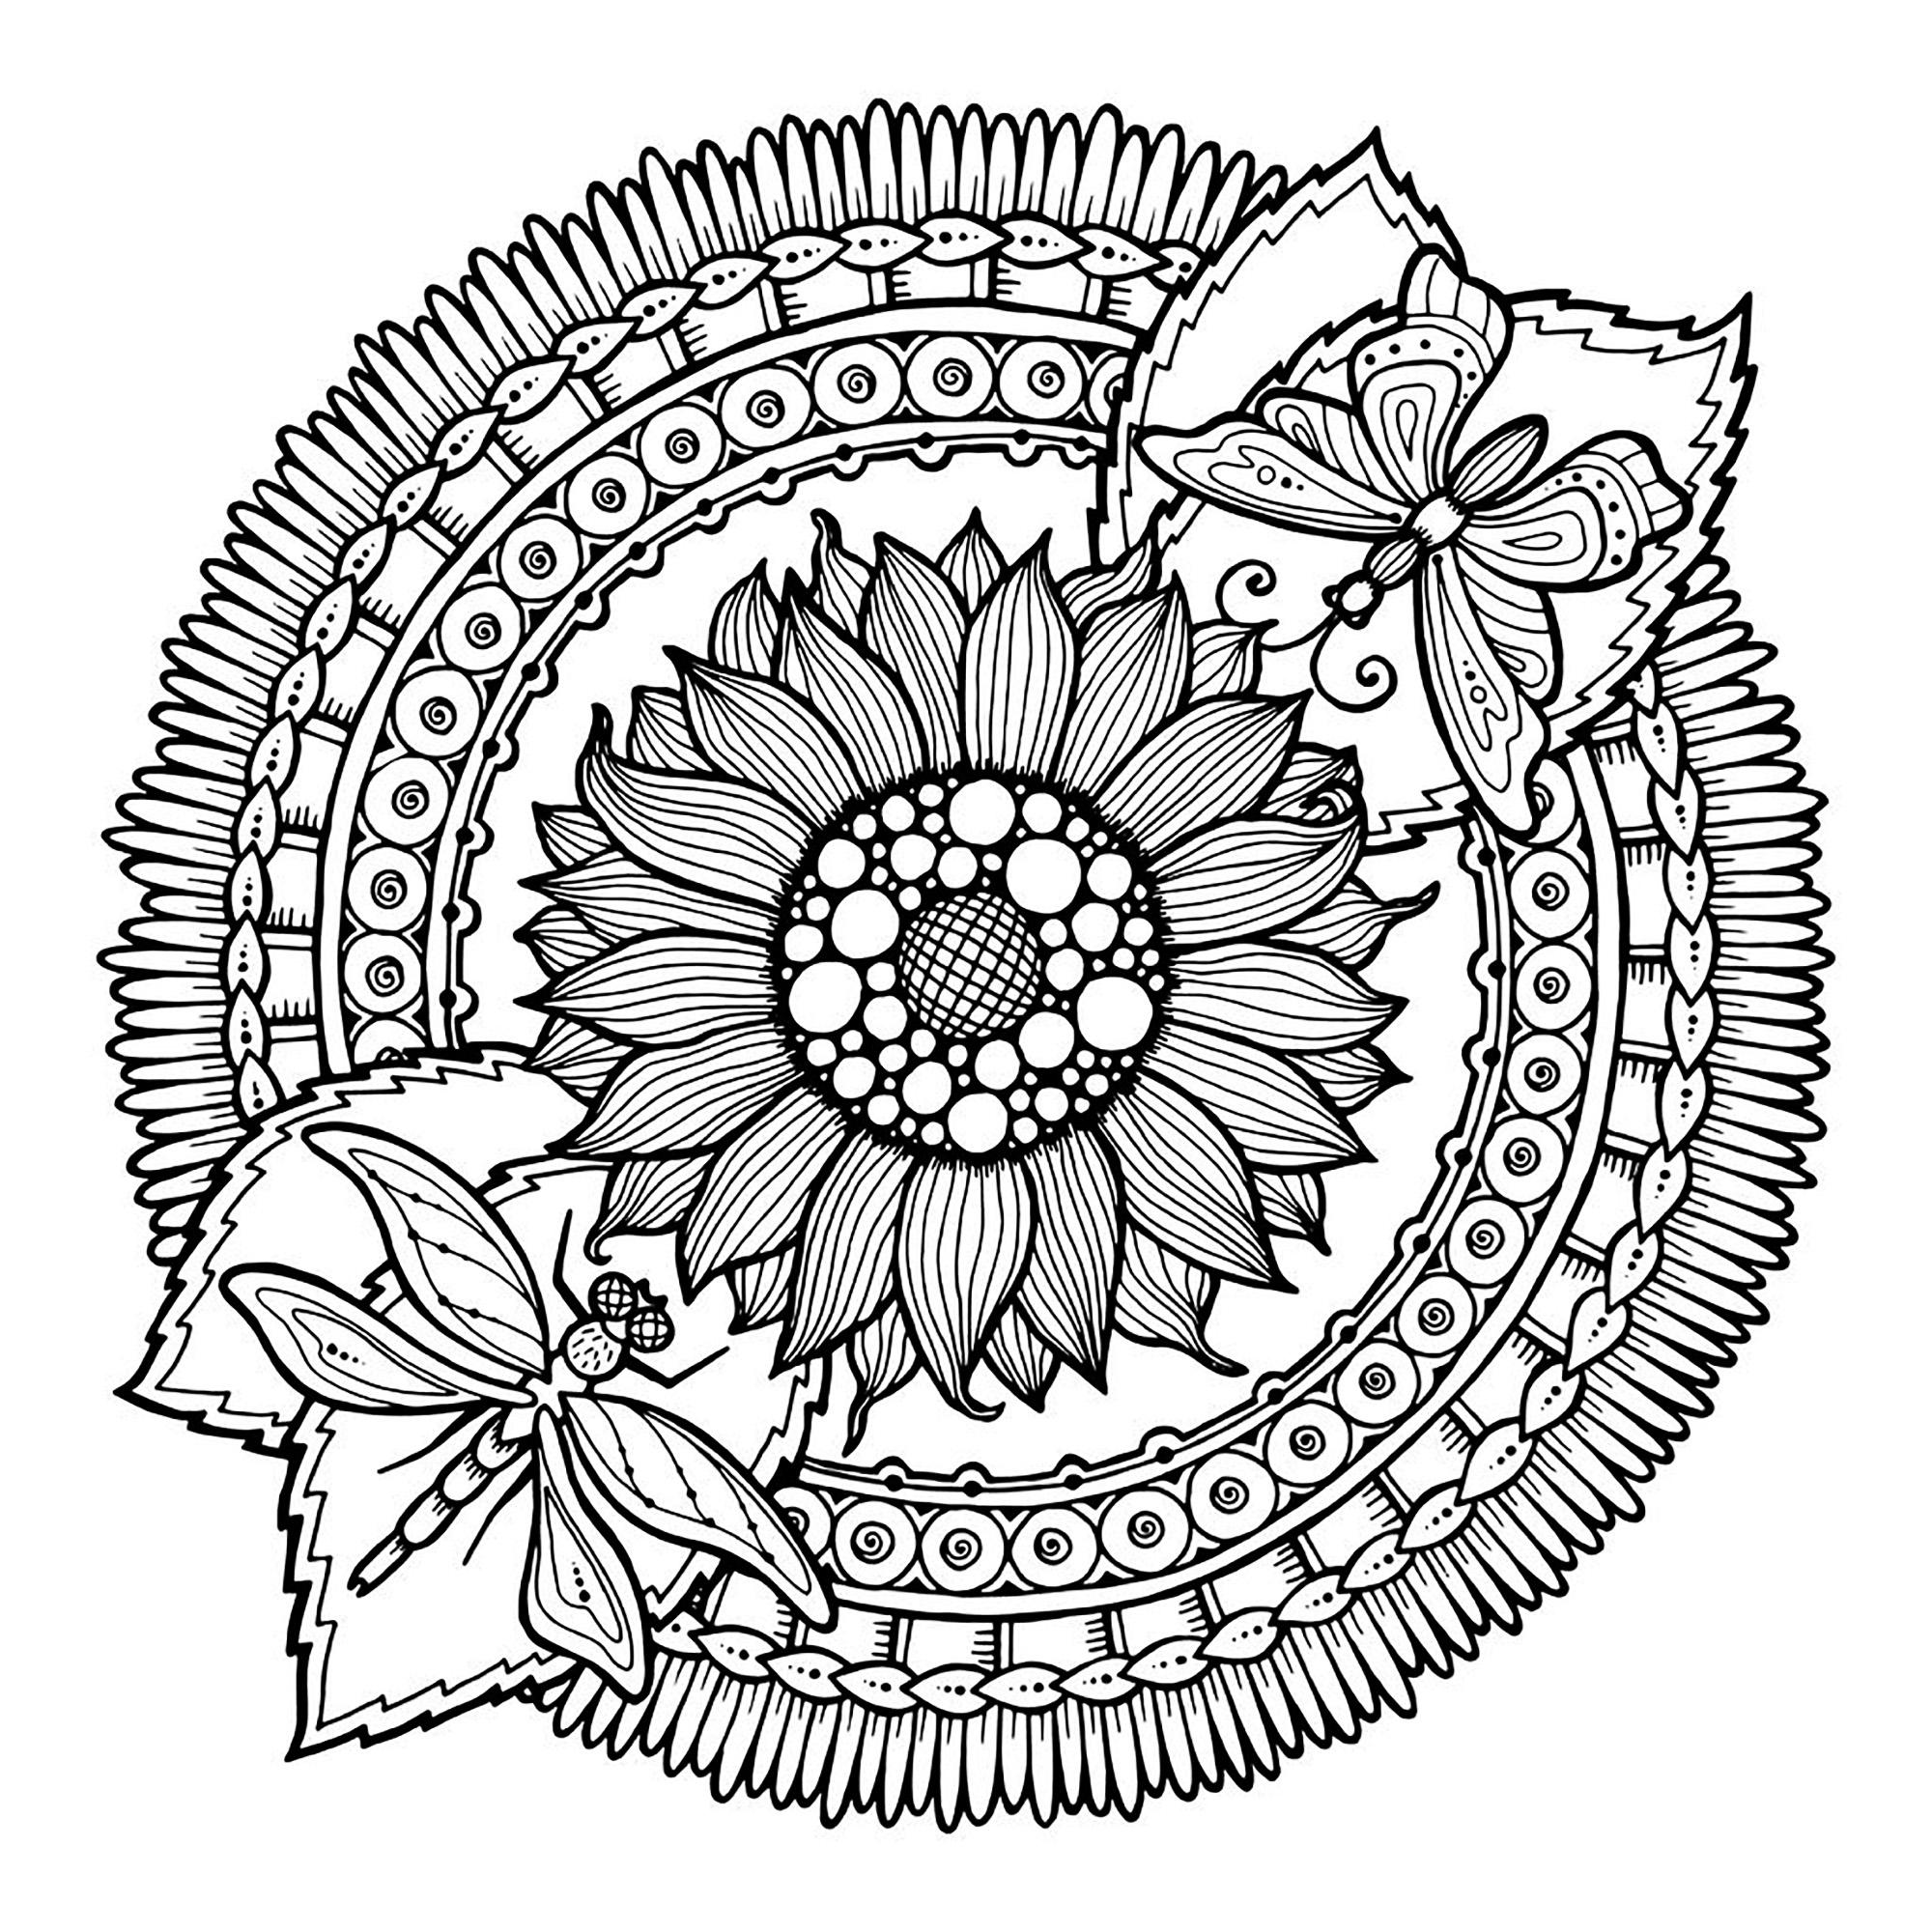 Mandala Libellules et fleursA partir de la galerie : Calendrier De Lavent 2016Artiste : Julias Negireva, Source :  123rf